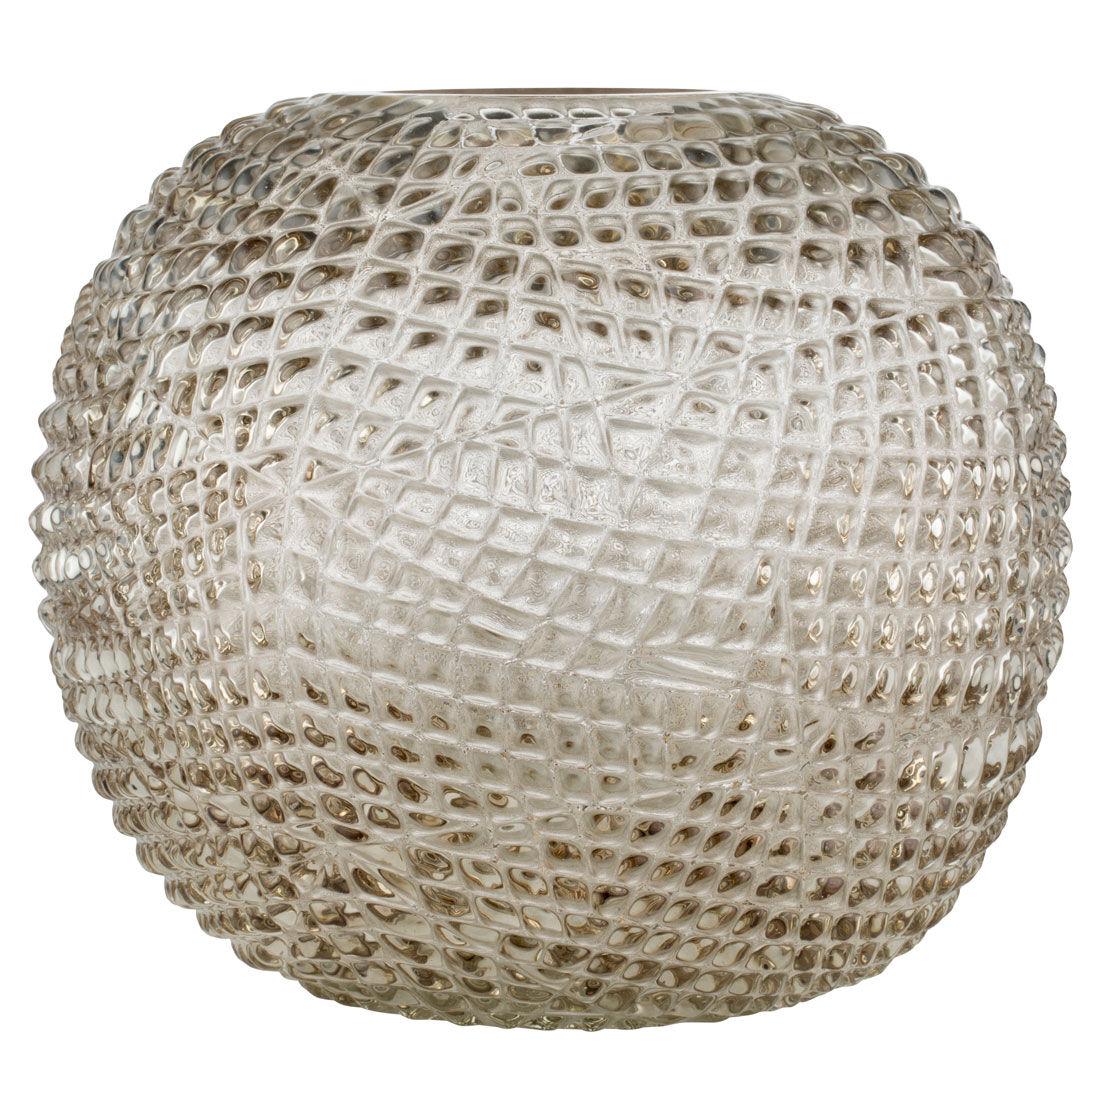 Lene Bjerre Misa Vase 19 cm, Light Gold